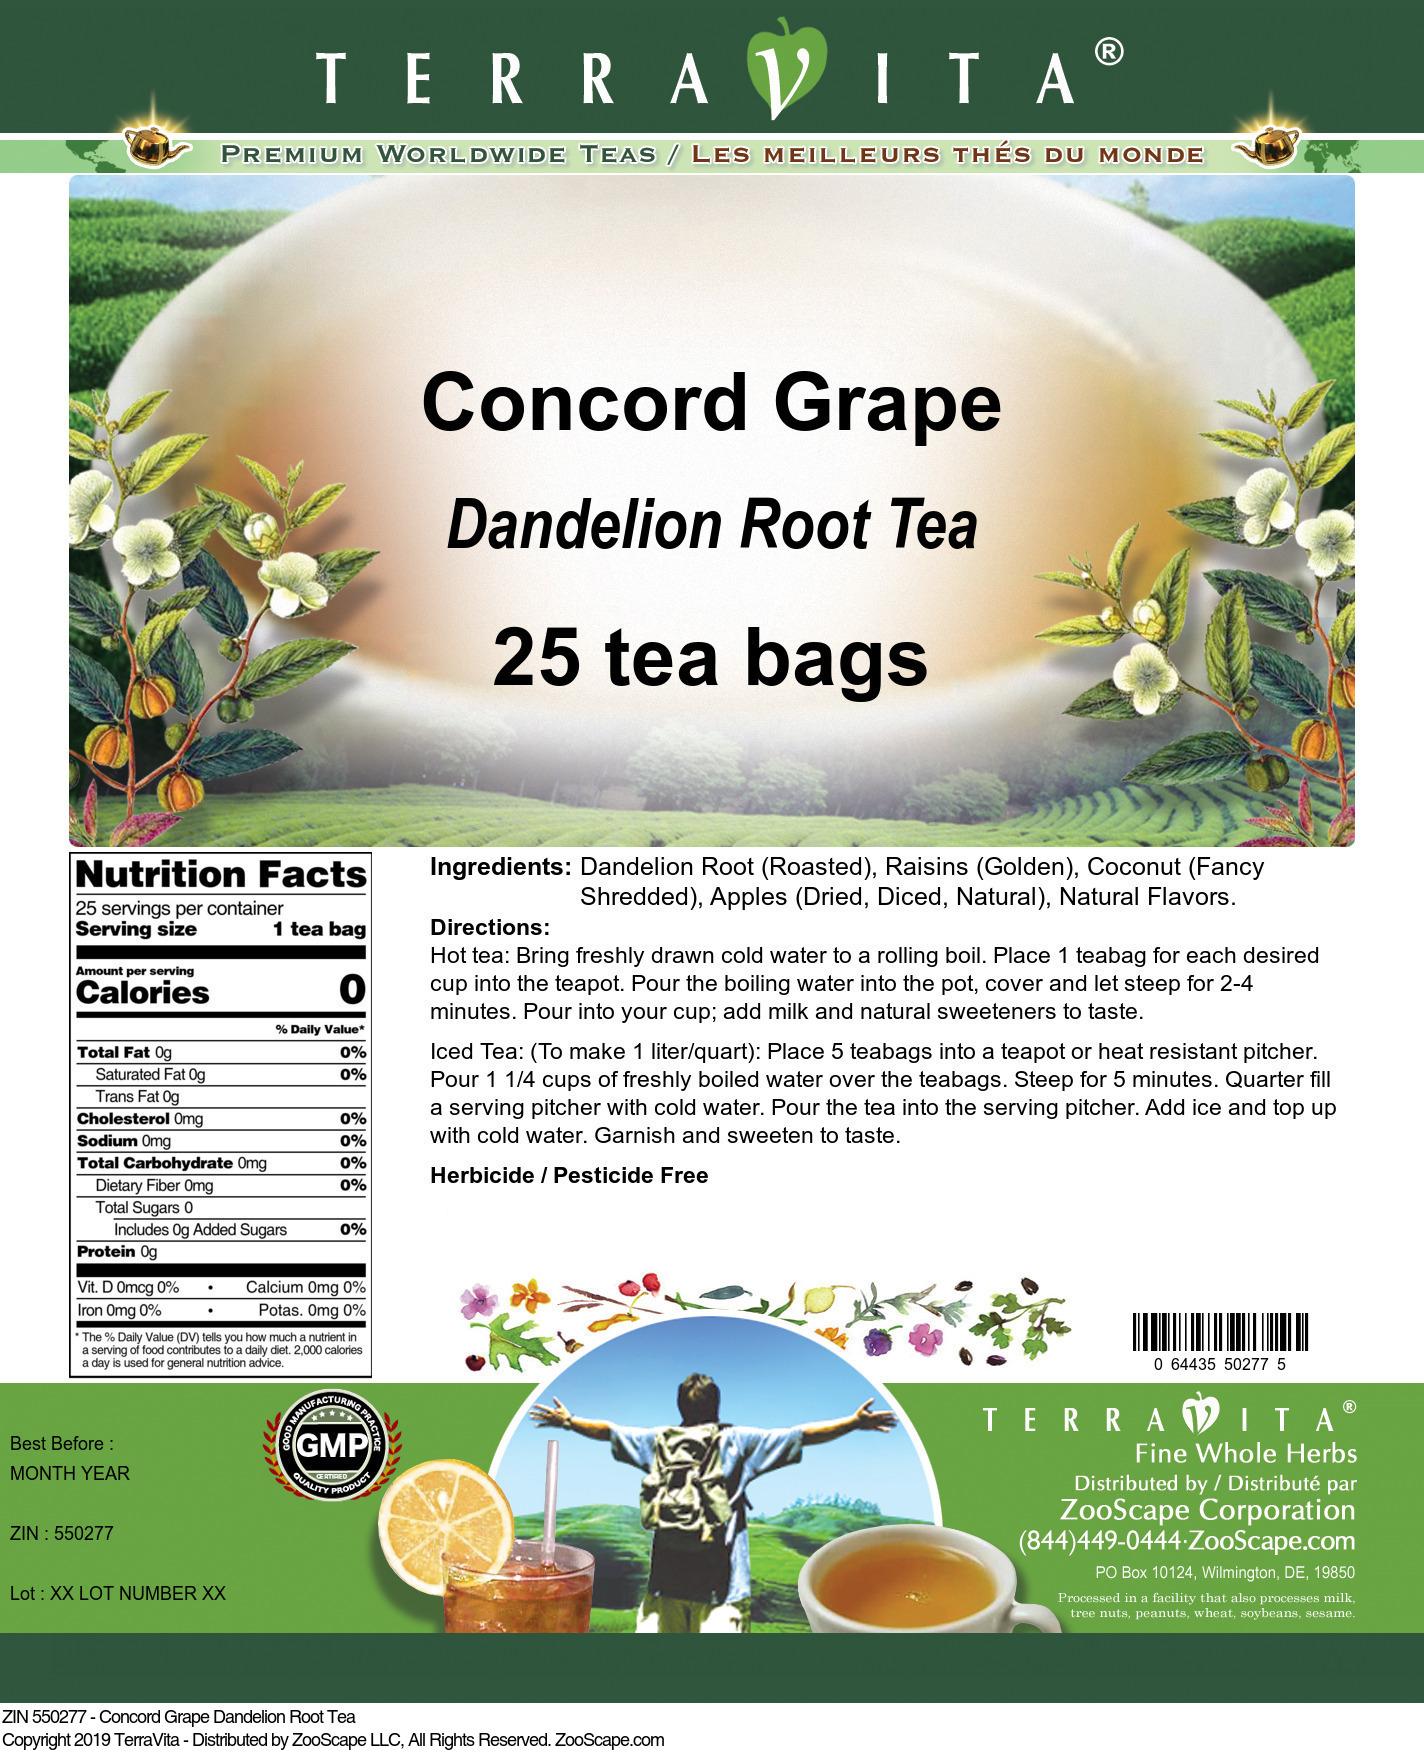 Concord Grape Dandelion Root